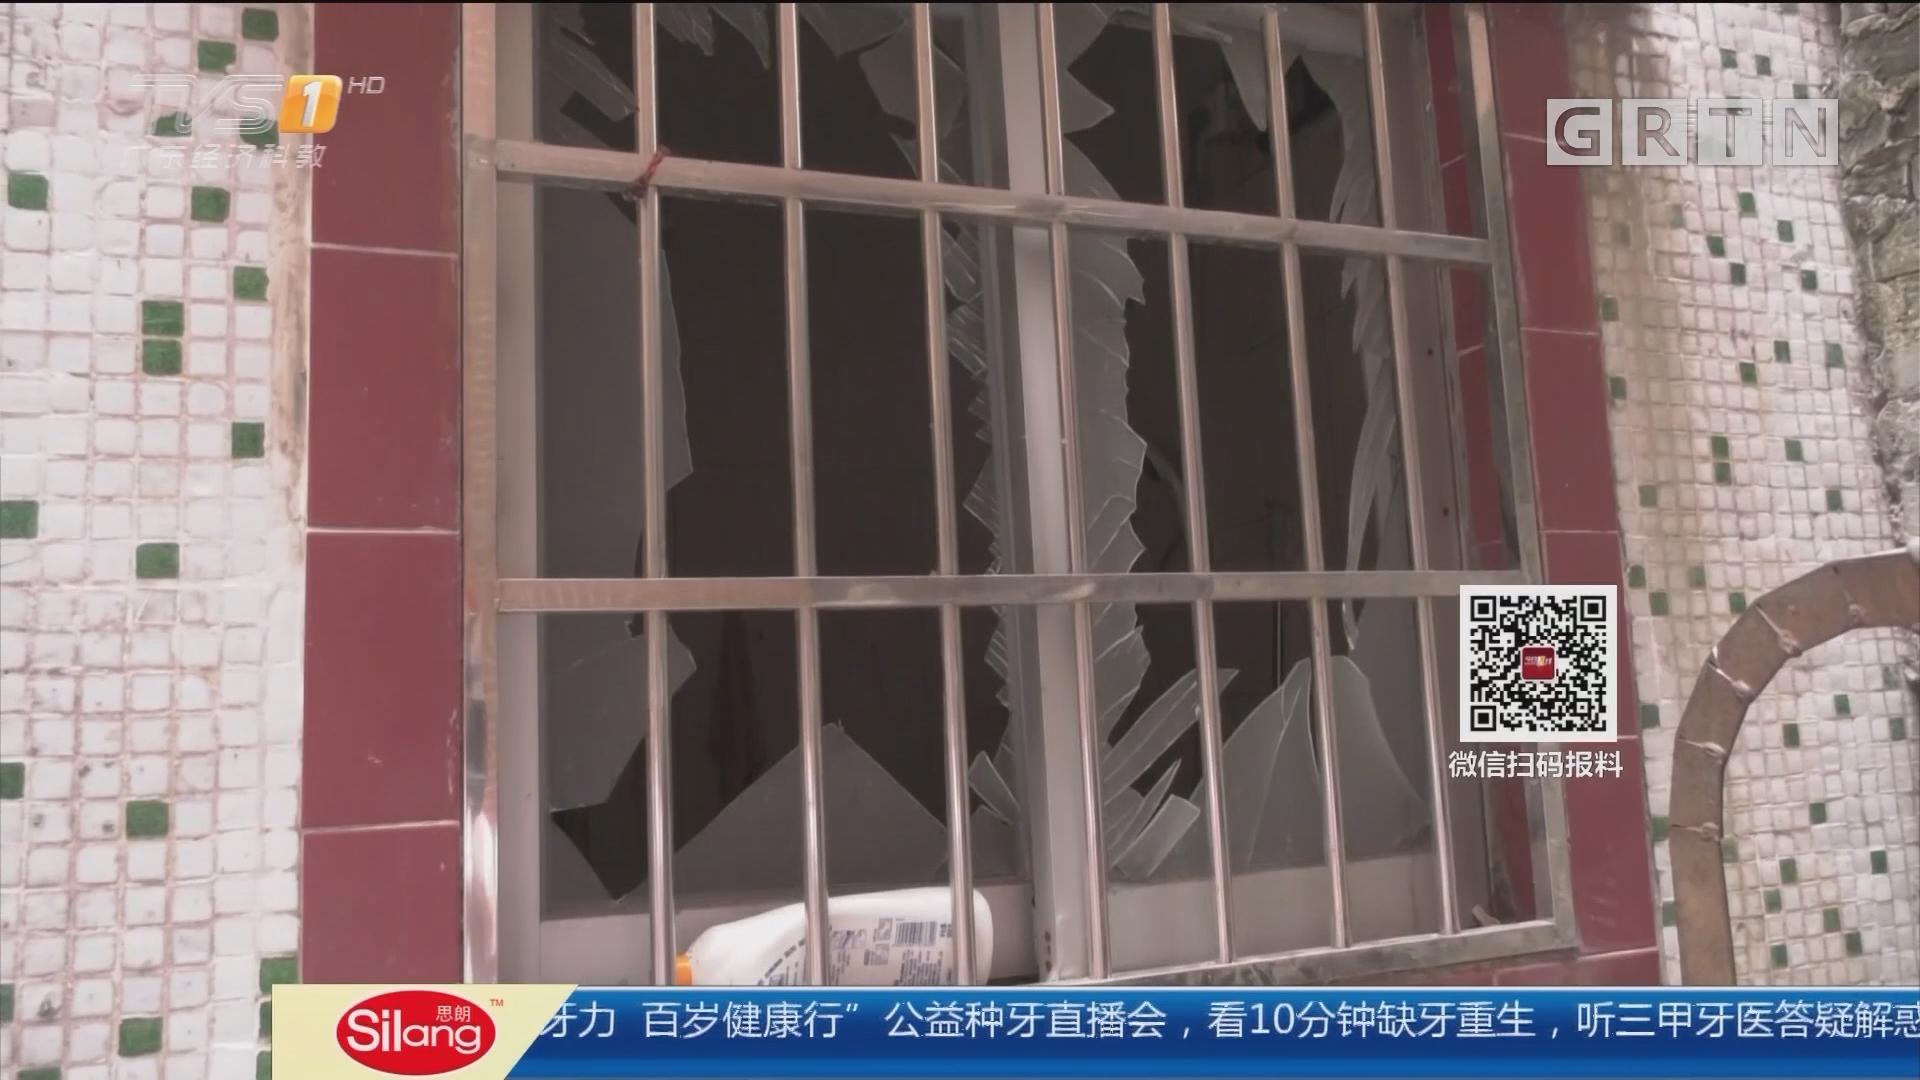 广州白云区:居民楼突发煤气爆炸 房屋受损严重